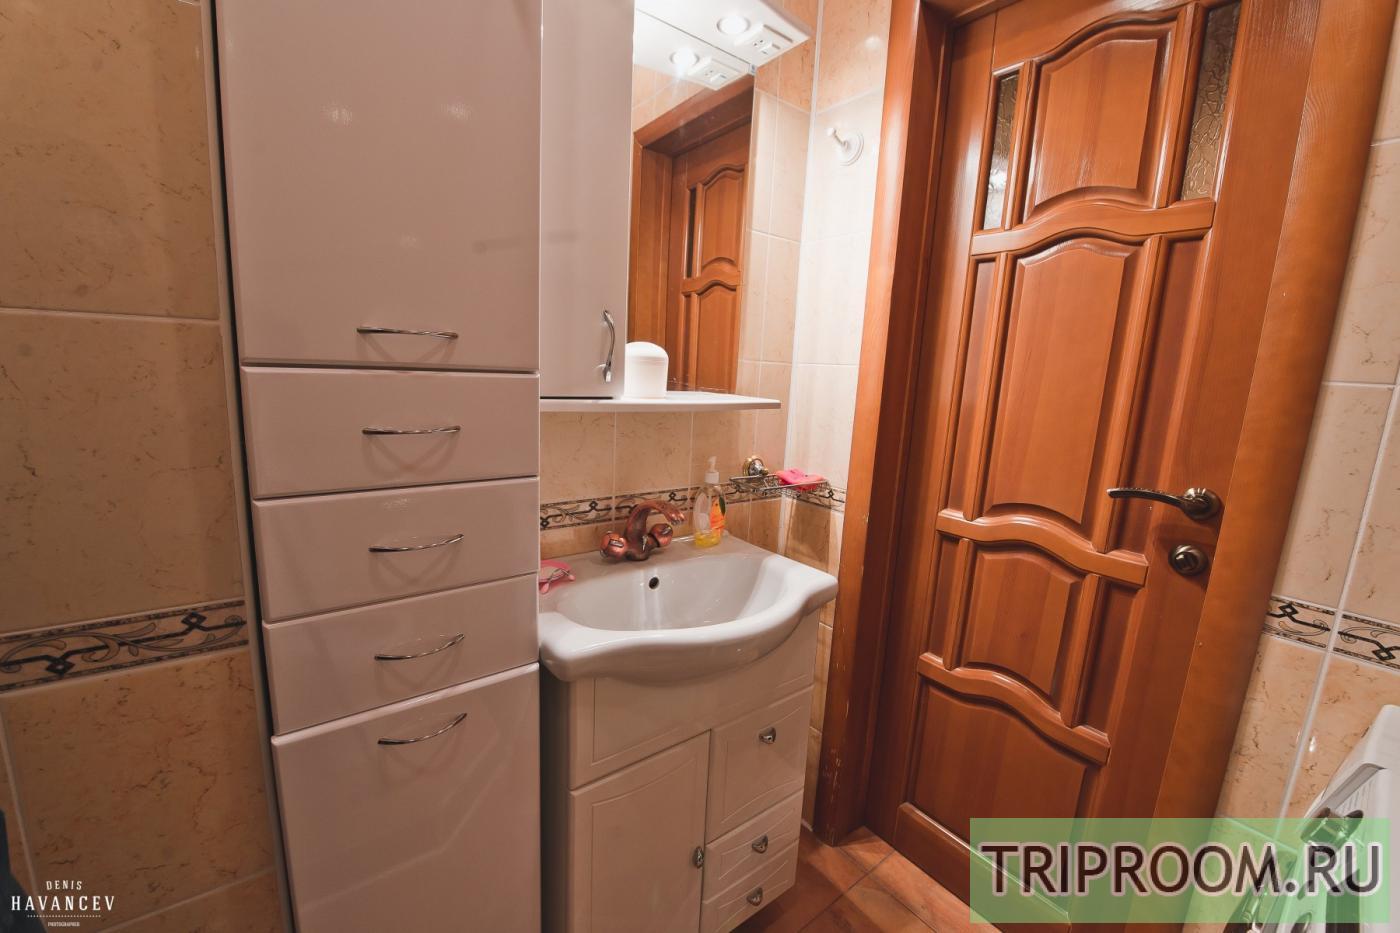 1-комнатная квартира посуточно (вариант № 14828), ул. 1-й Магнитный проезд, фото № 16